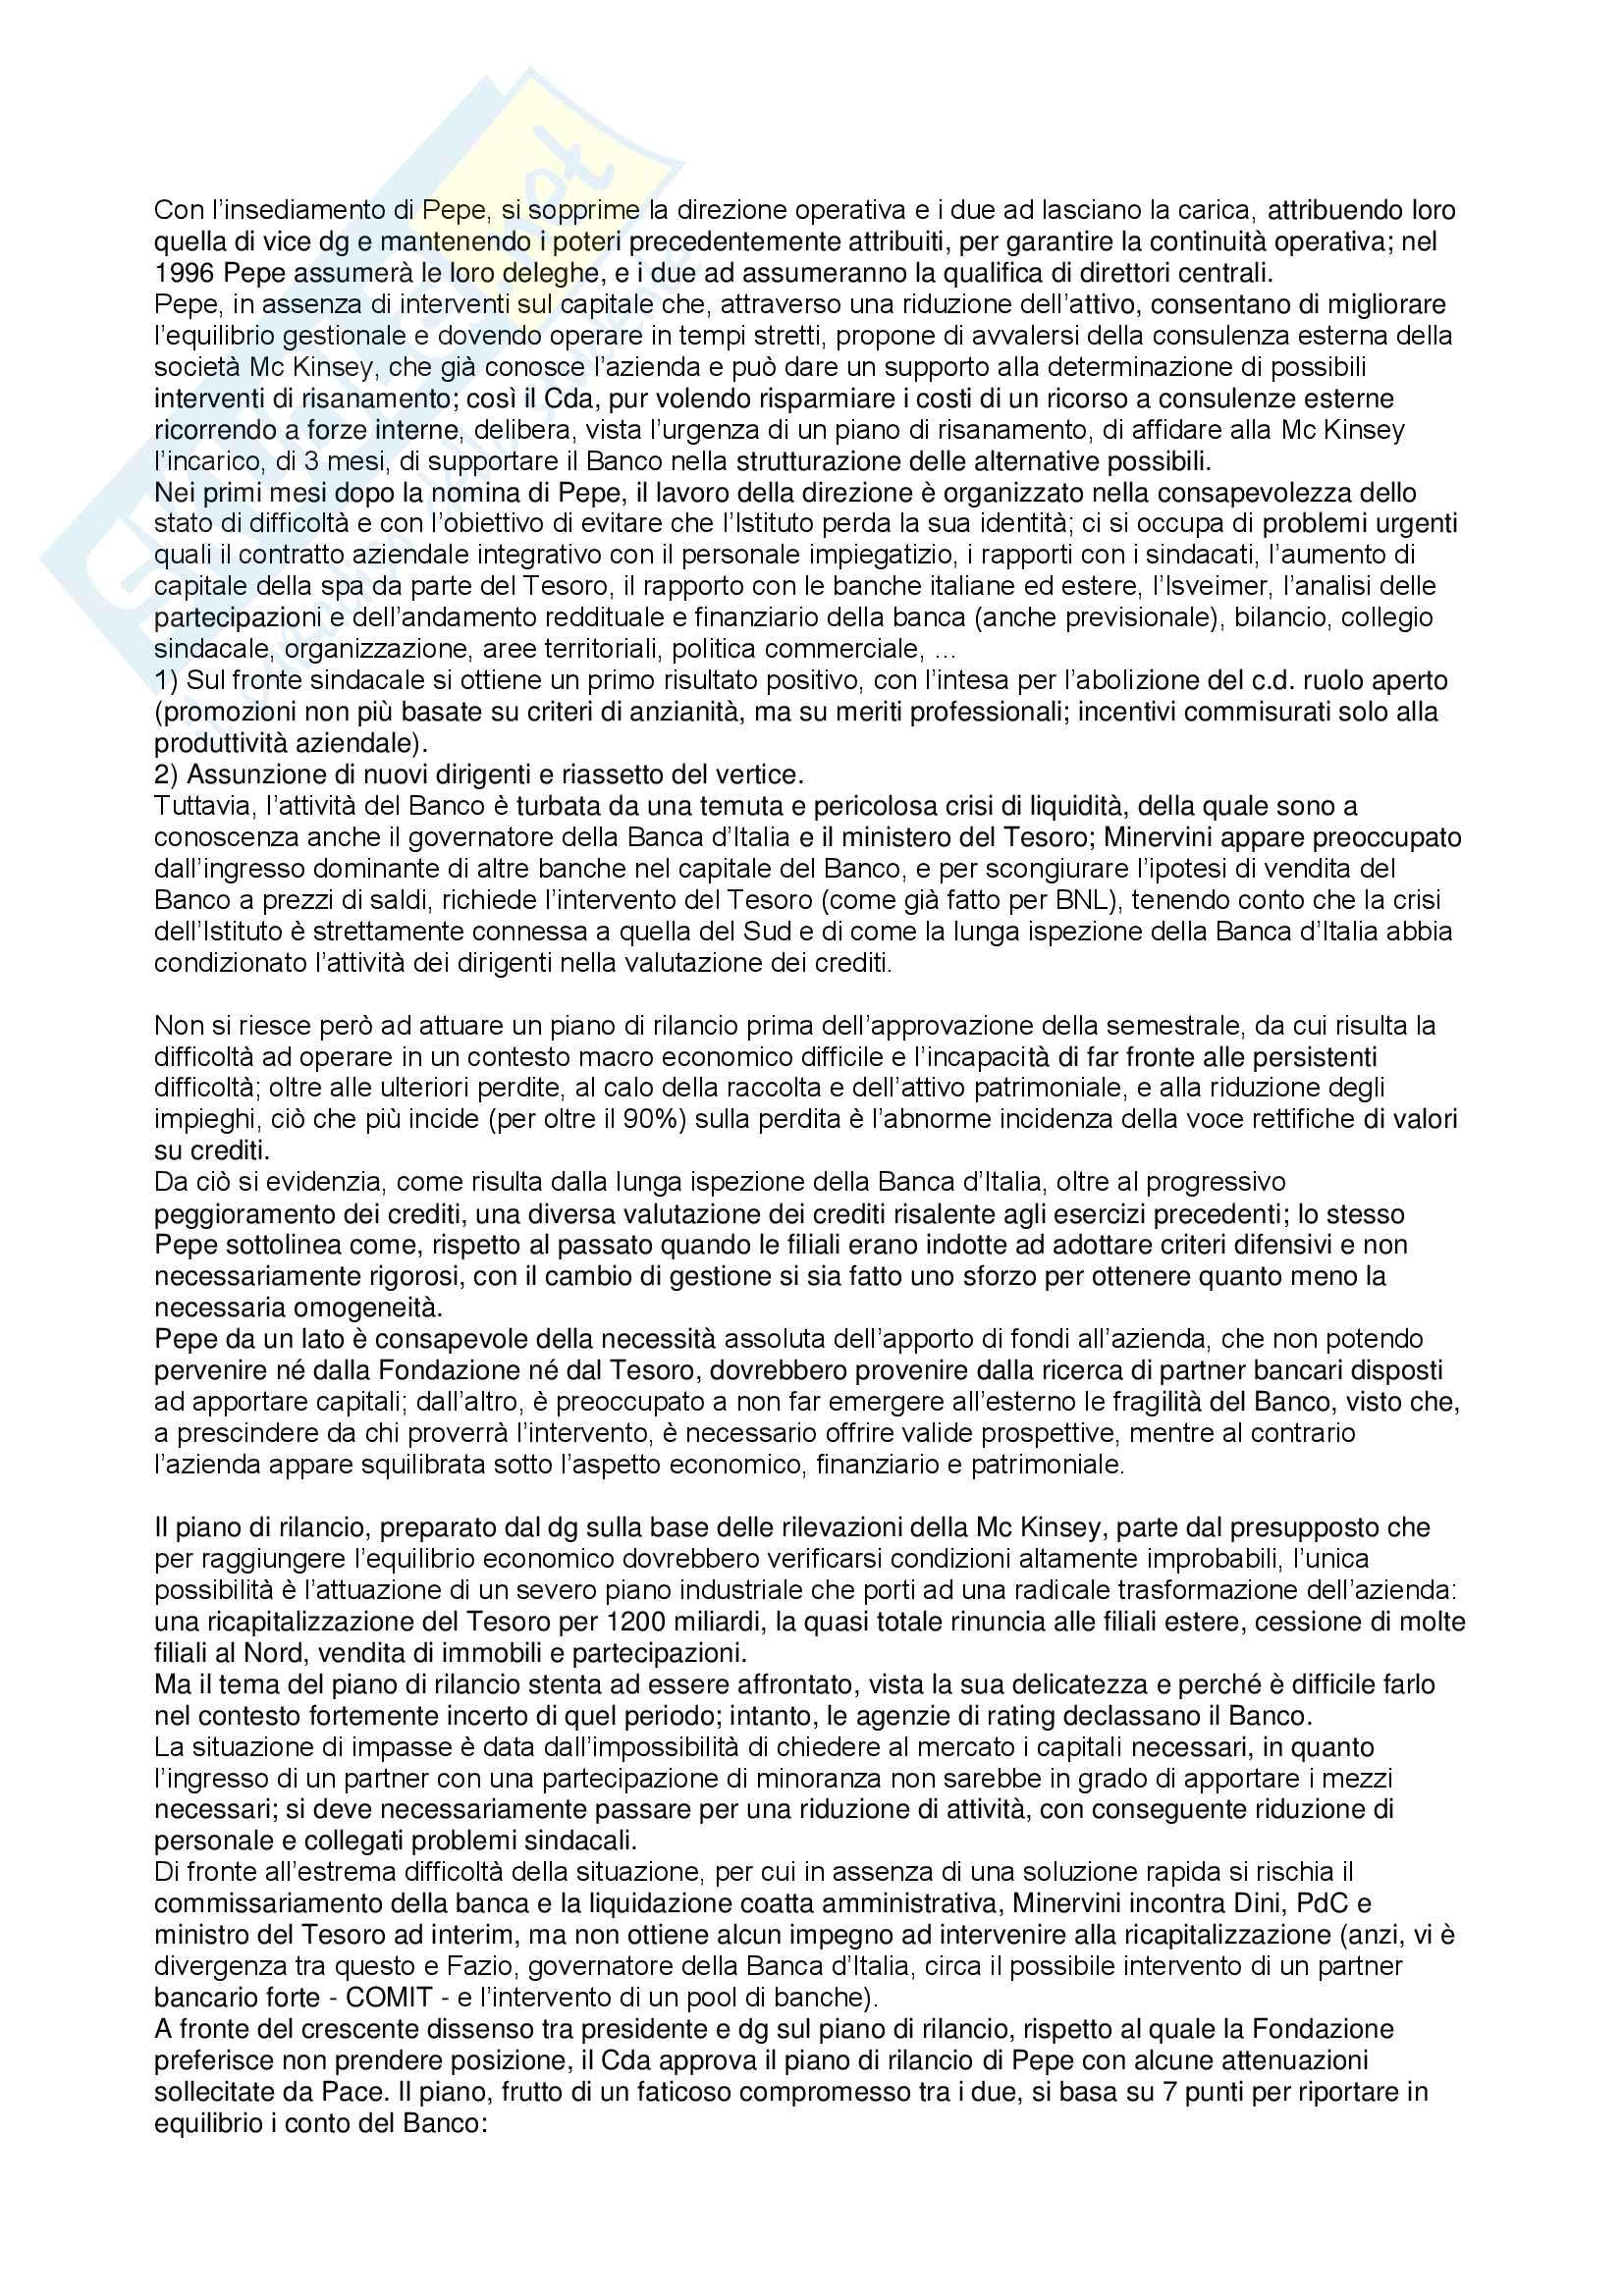 Riassunto esame Storia dell'industria, prof. De Ianni, libro consigliato Banco di Napoli spa 1991-2002: un decennio difficile, De Ianni Pag. 6